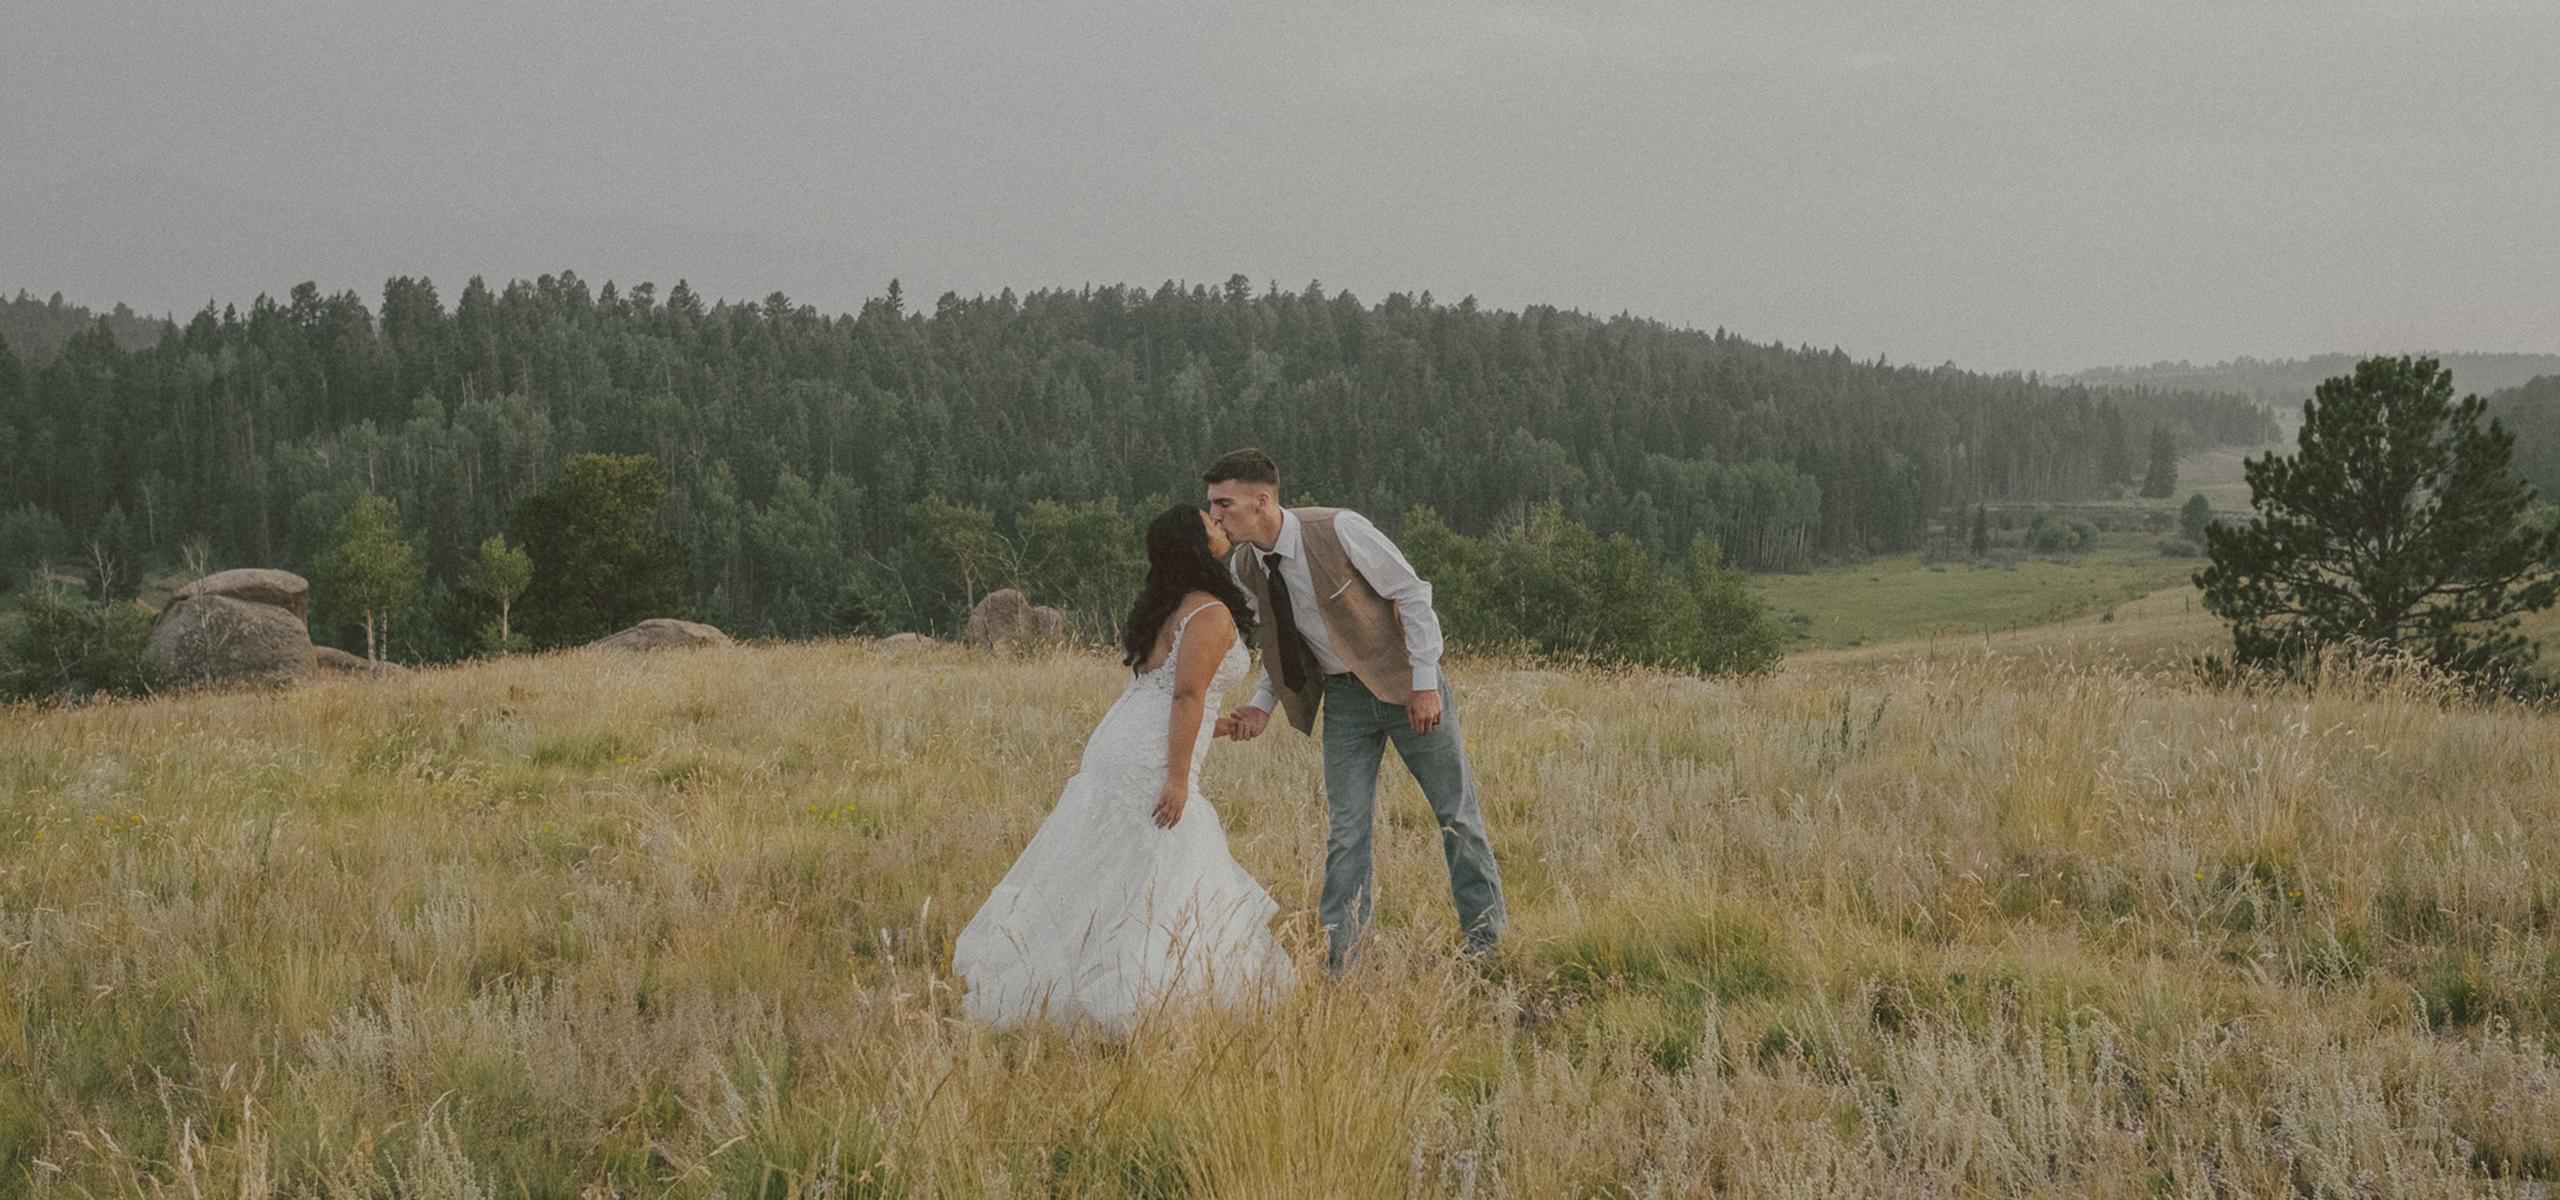 Trinidad Colorado Wedding Photography + Elopement Photography